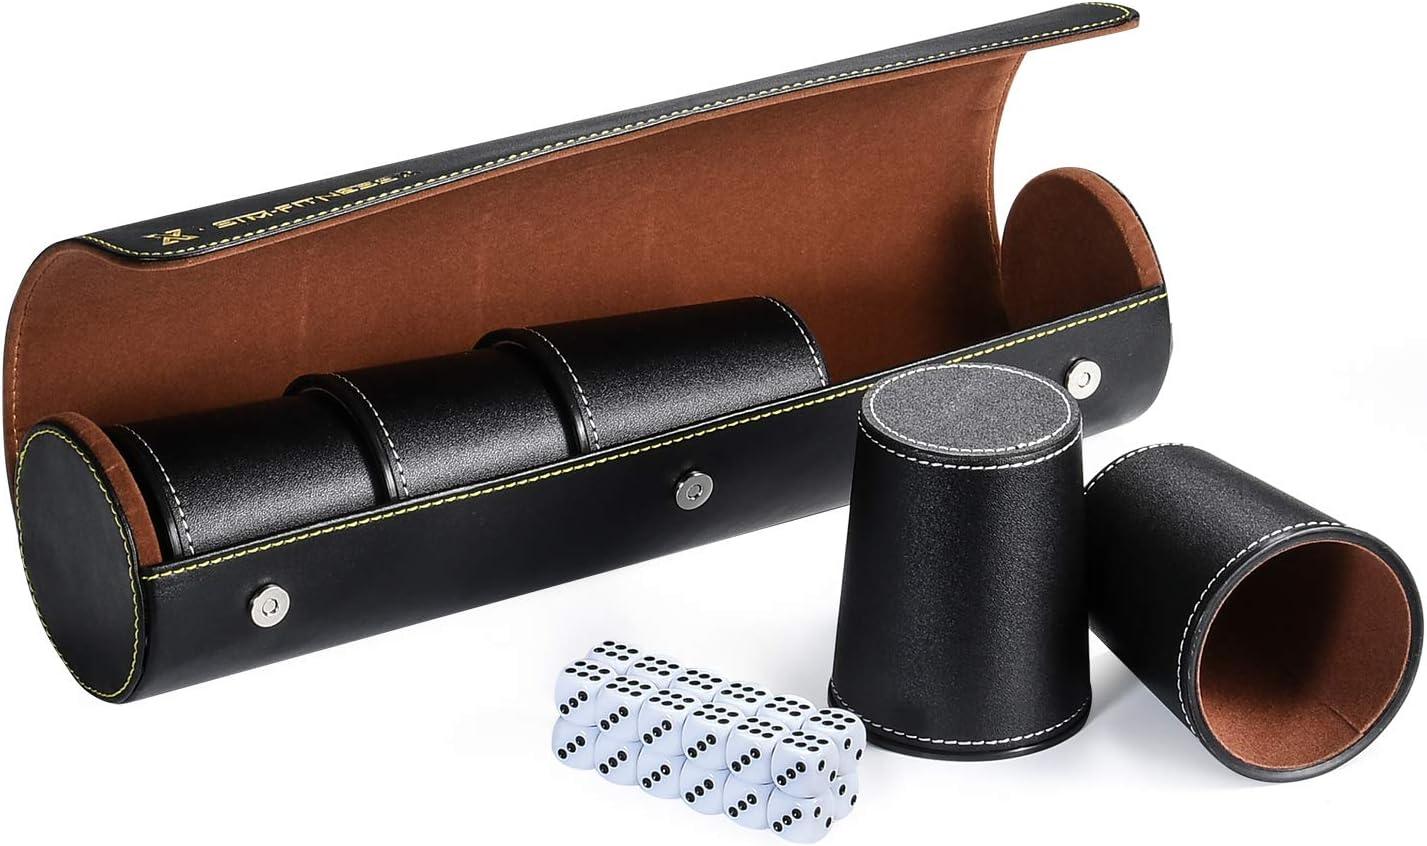 X SIM FITNESSX - Juego de 5 cubos de piel sintética con vaso, 25 dados de puntos, funda de piel sintética con cierre magnético